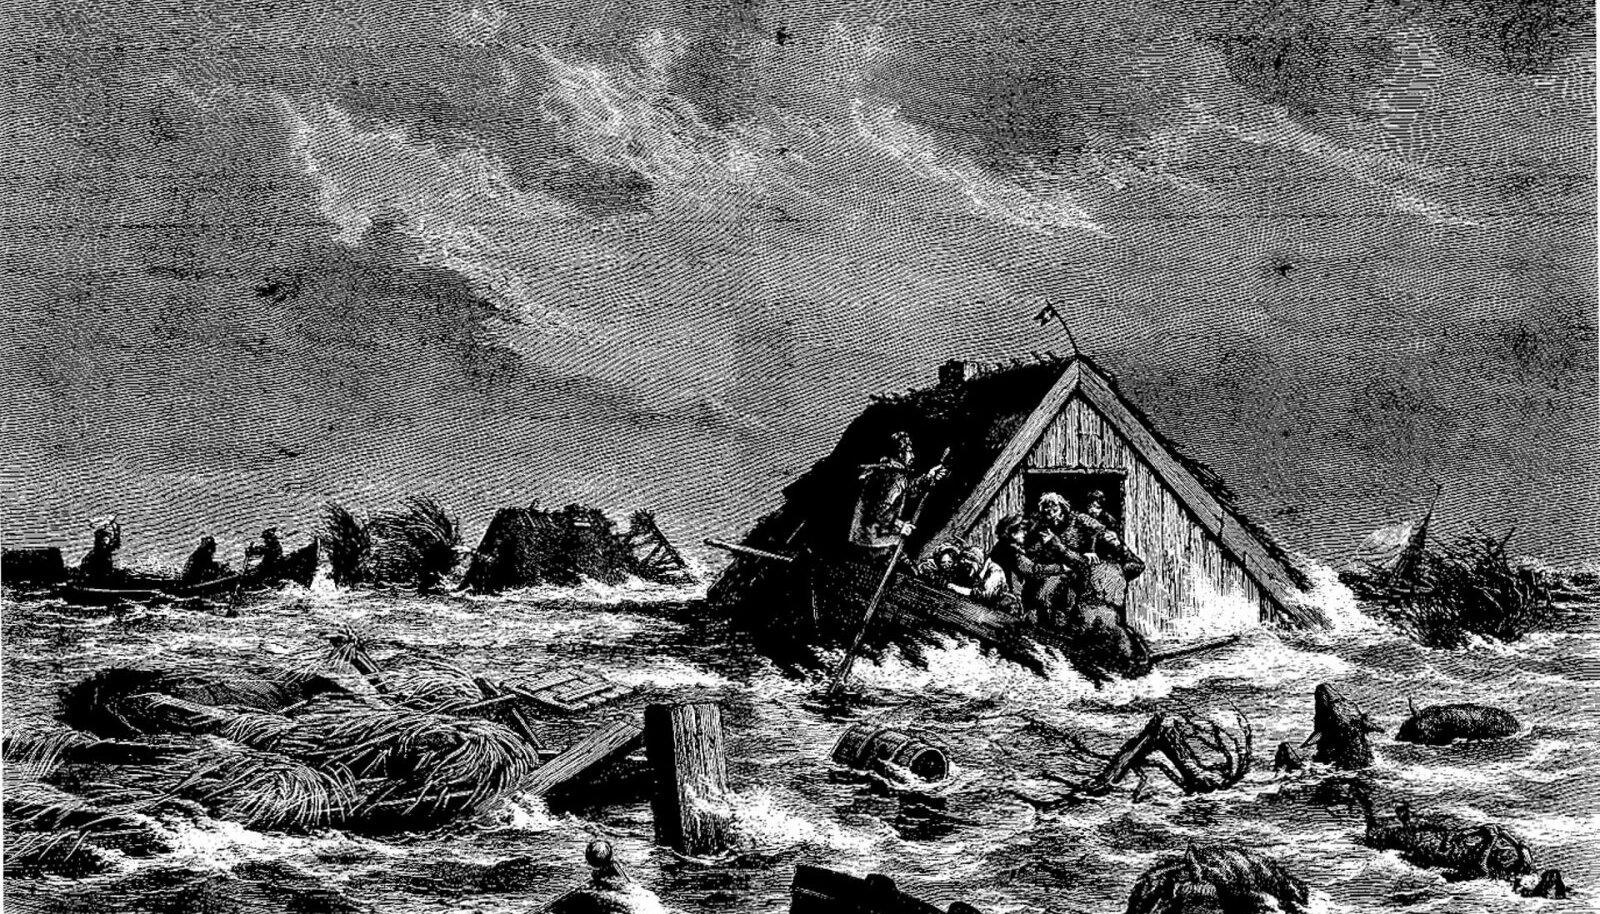 Mitme Taani saare elanikud püüdsid end päästa, seilates üleujutuse tõttu lagunenud hoonete katustel (foto: Wikimedia Commons)